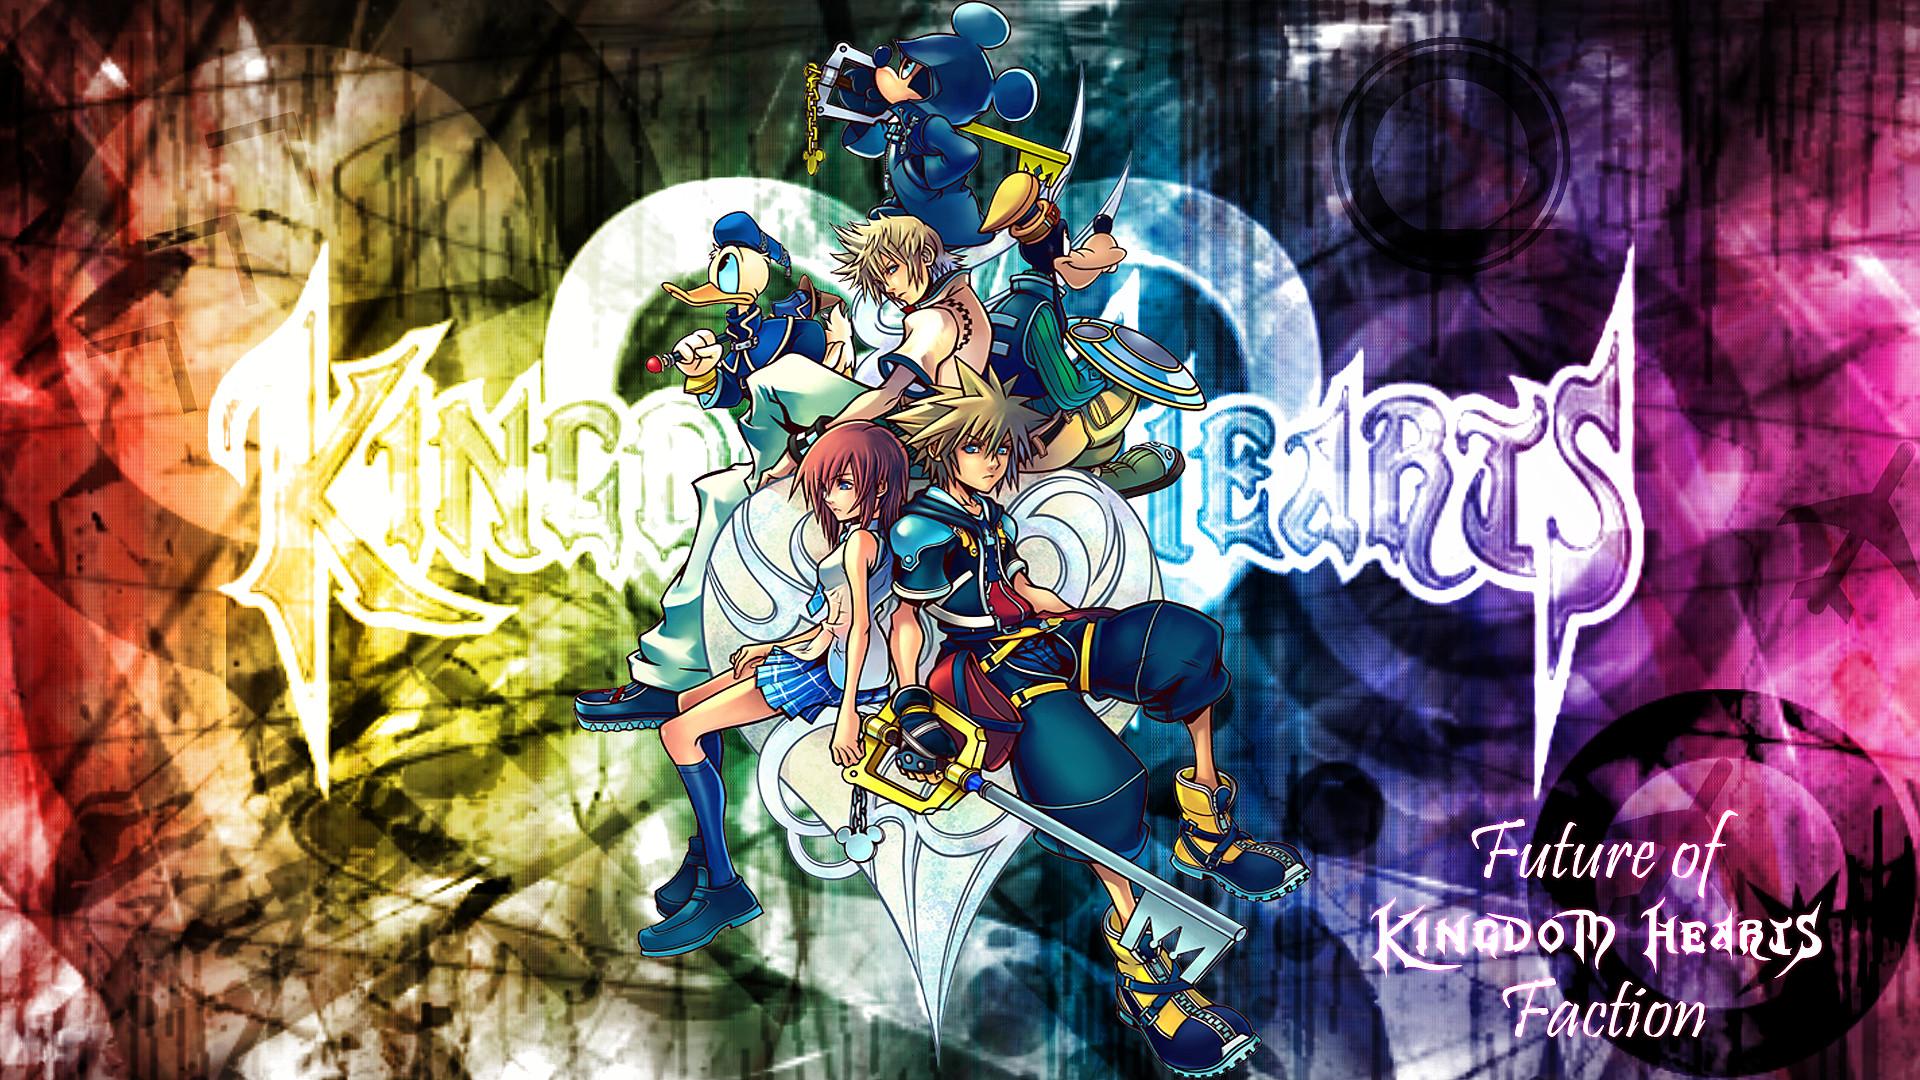 Kingdom Hearts Final Mix Wallpaper Wallpapertag